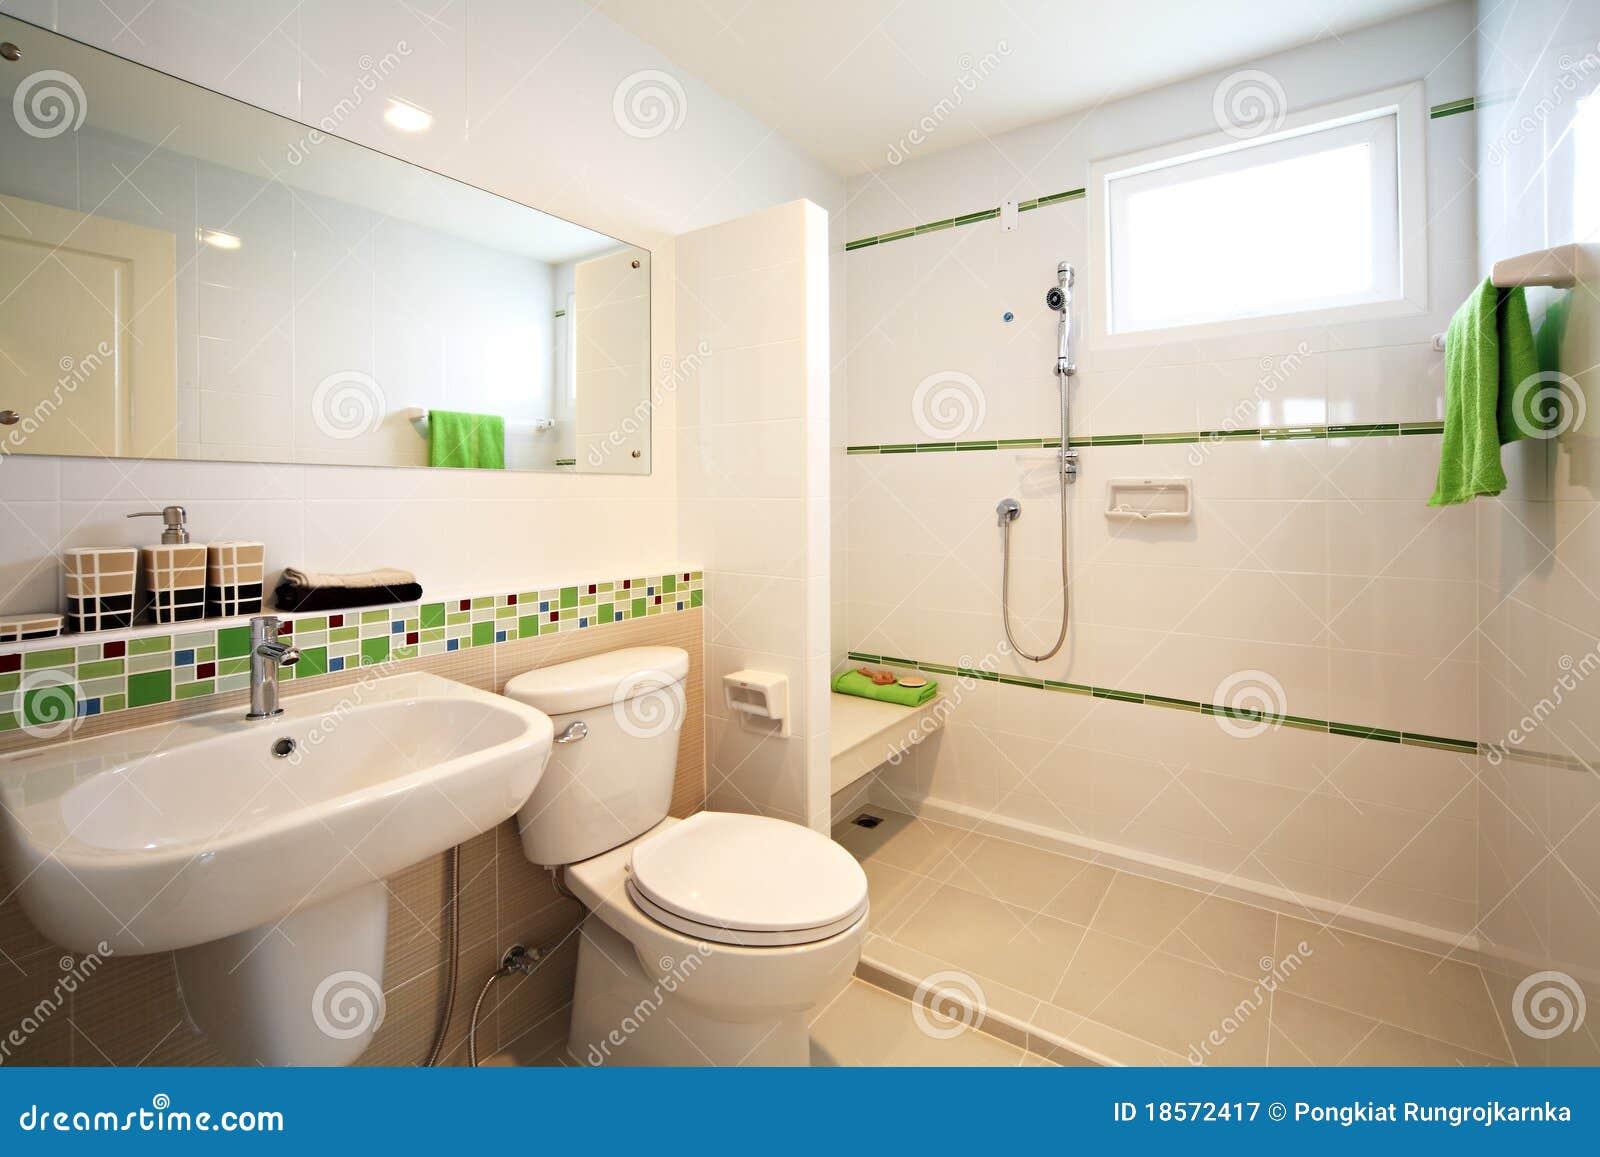 Stanza da bagno bianca moderna fotografia stock libera da diritti immagine 18572417 - Stanza da bagno ...